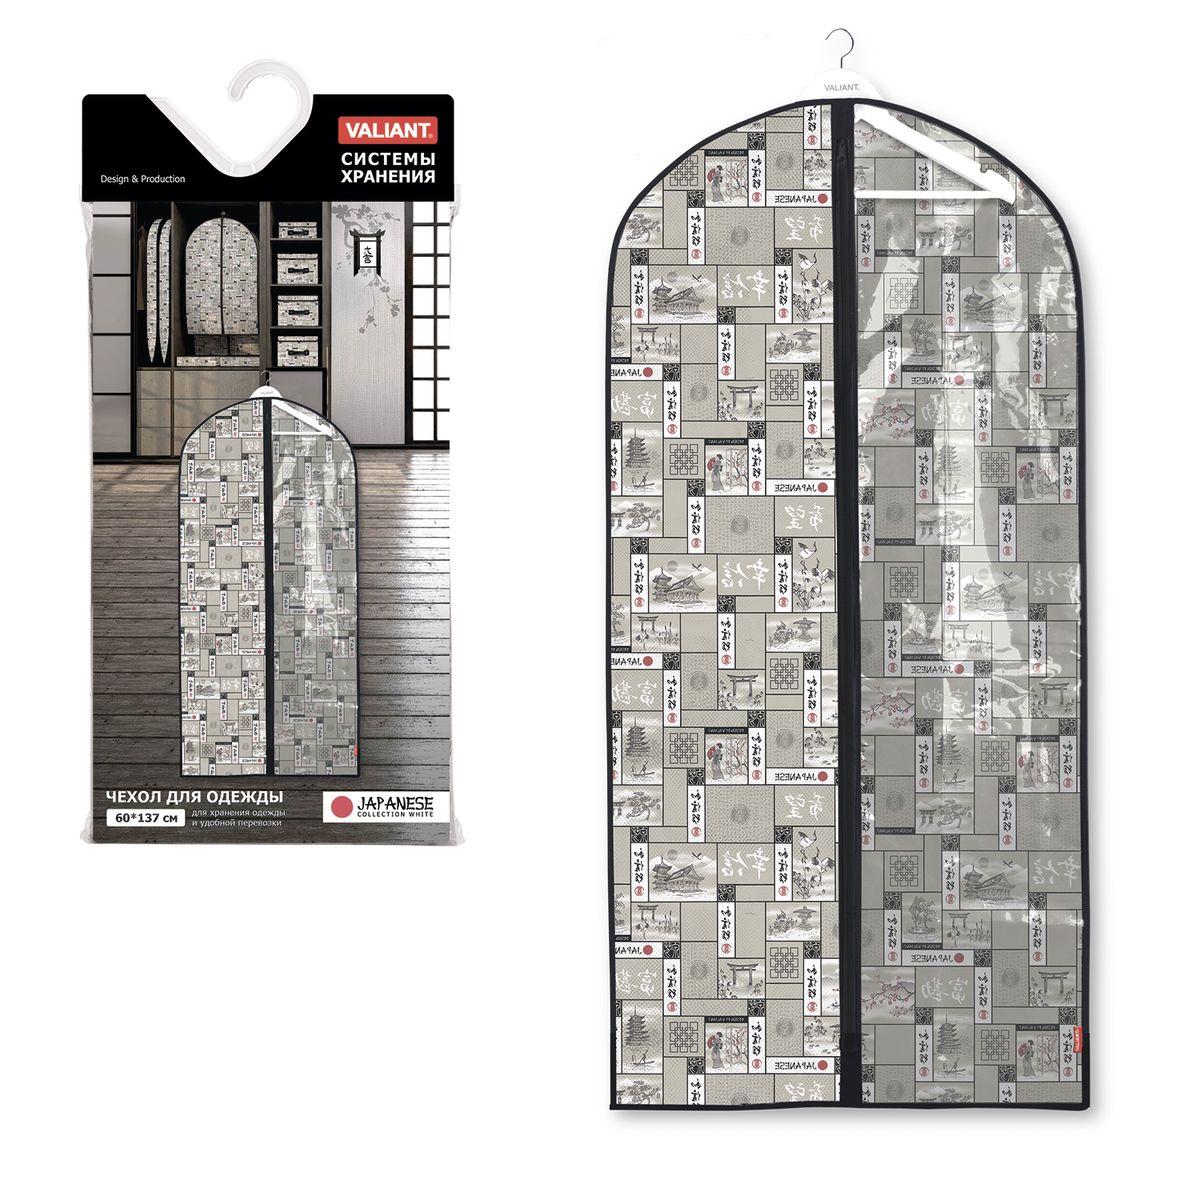 Чехол для одежды Valiant Japanese Black, с прозрачной вставкой, 60 х 137 х 10 смJB-CW-137Чехол для одежды Valiant Japanese Black изготовлен из высококачественного нетканого материала, который обеспечивает естественную вентиляцию, позволяя воздуху проникать внутрь, но не пропускает пыль. Чехол очень удобен в использовании. Специальная прозрачная вставка позволяет видеть содержимое внутри чехла, не открывая его. Чехол легко открывается и закрывается застежкой-молнией. Идеально подойдет для хранения одежды и удобной перевозки.